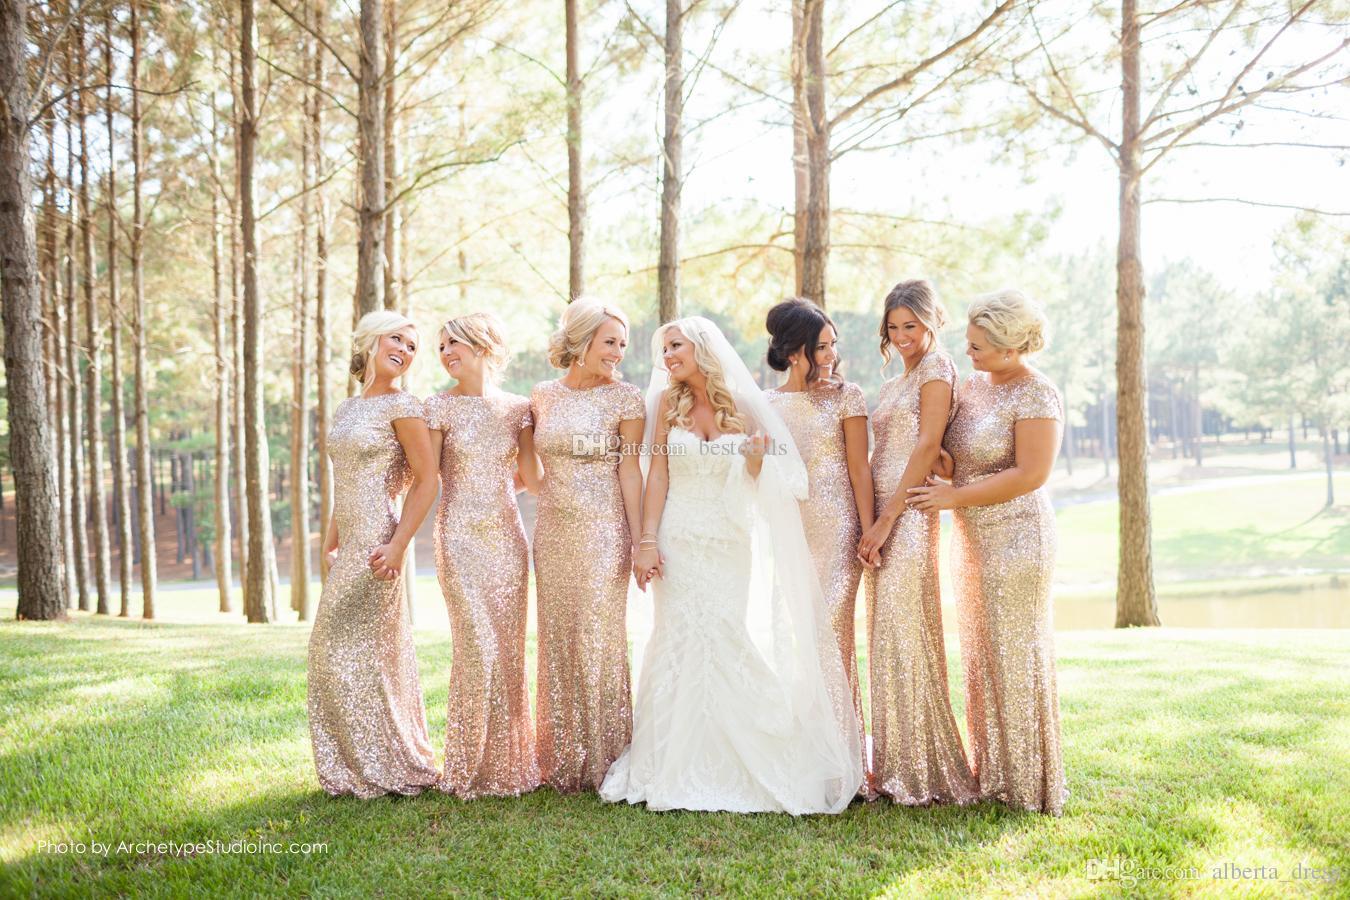 Sparkly Rose Gold Billig Mermaid Brautjungfernkleider 2020 Kurzarm Pailletten Backless Long Beach Hochzeits-Gowns Gold Champagner